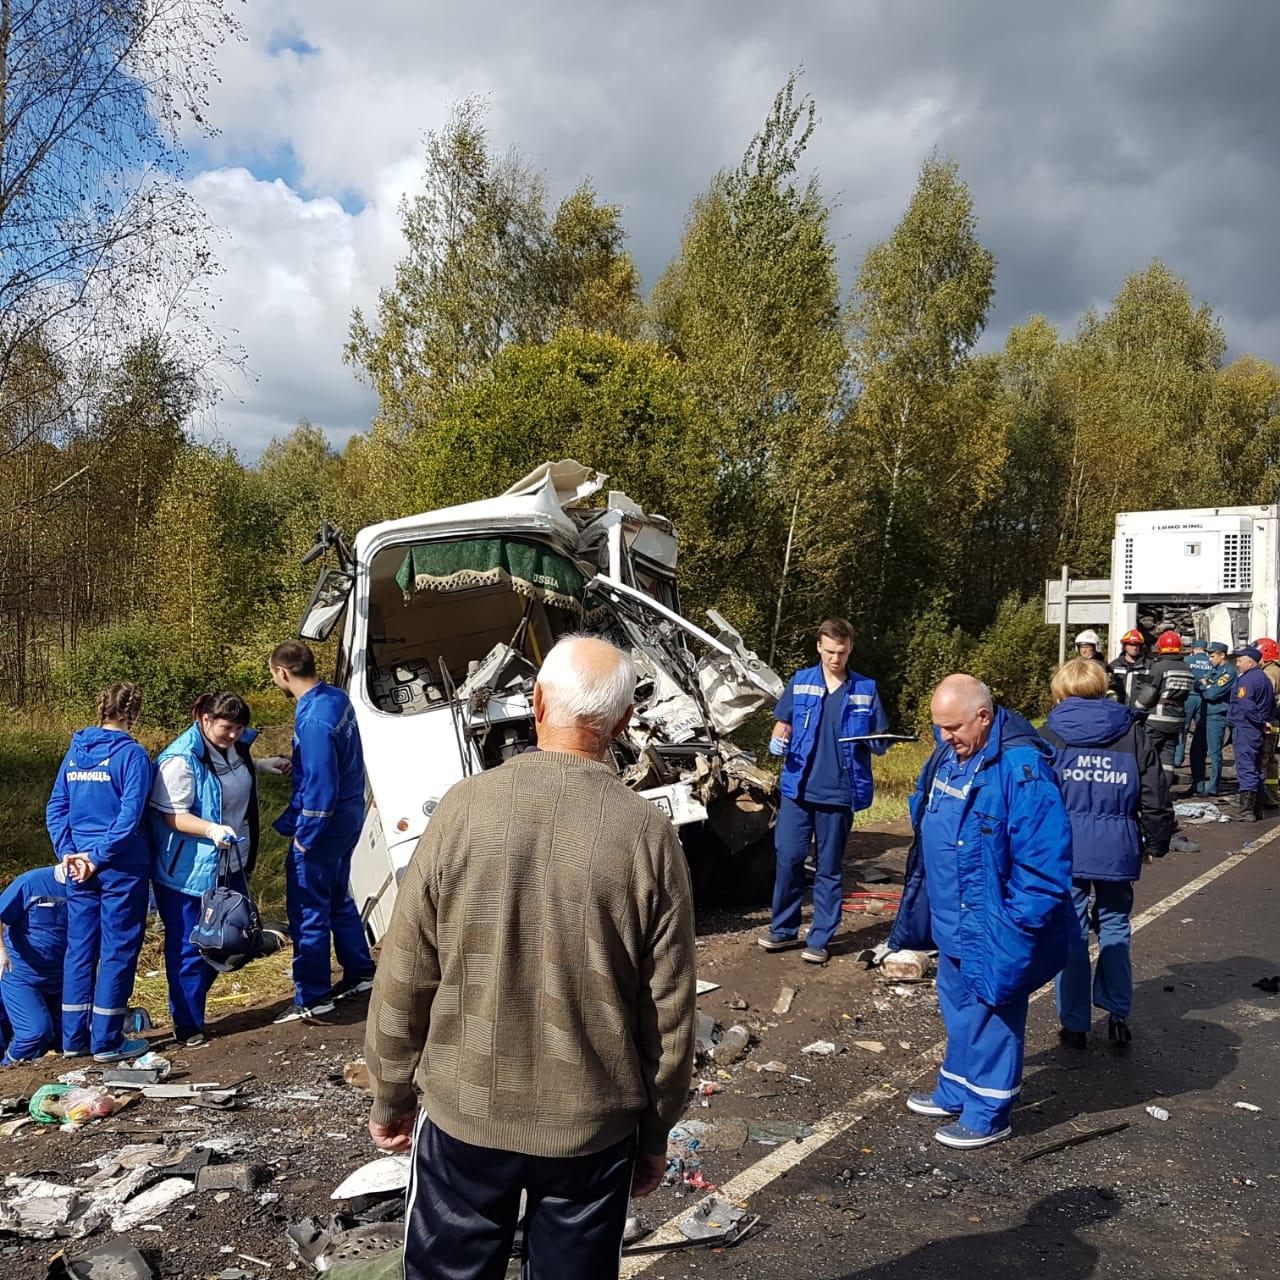 Губернатор лично руководит процессом по оказанию помощи пострадавшим в крупном ДТП в Ярославской области